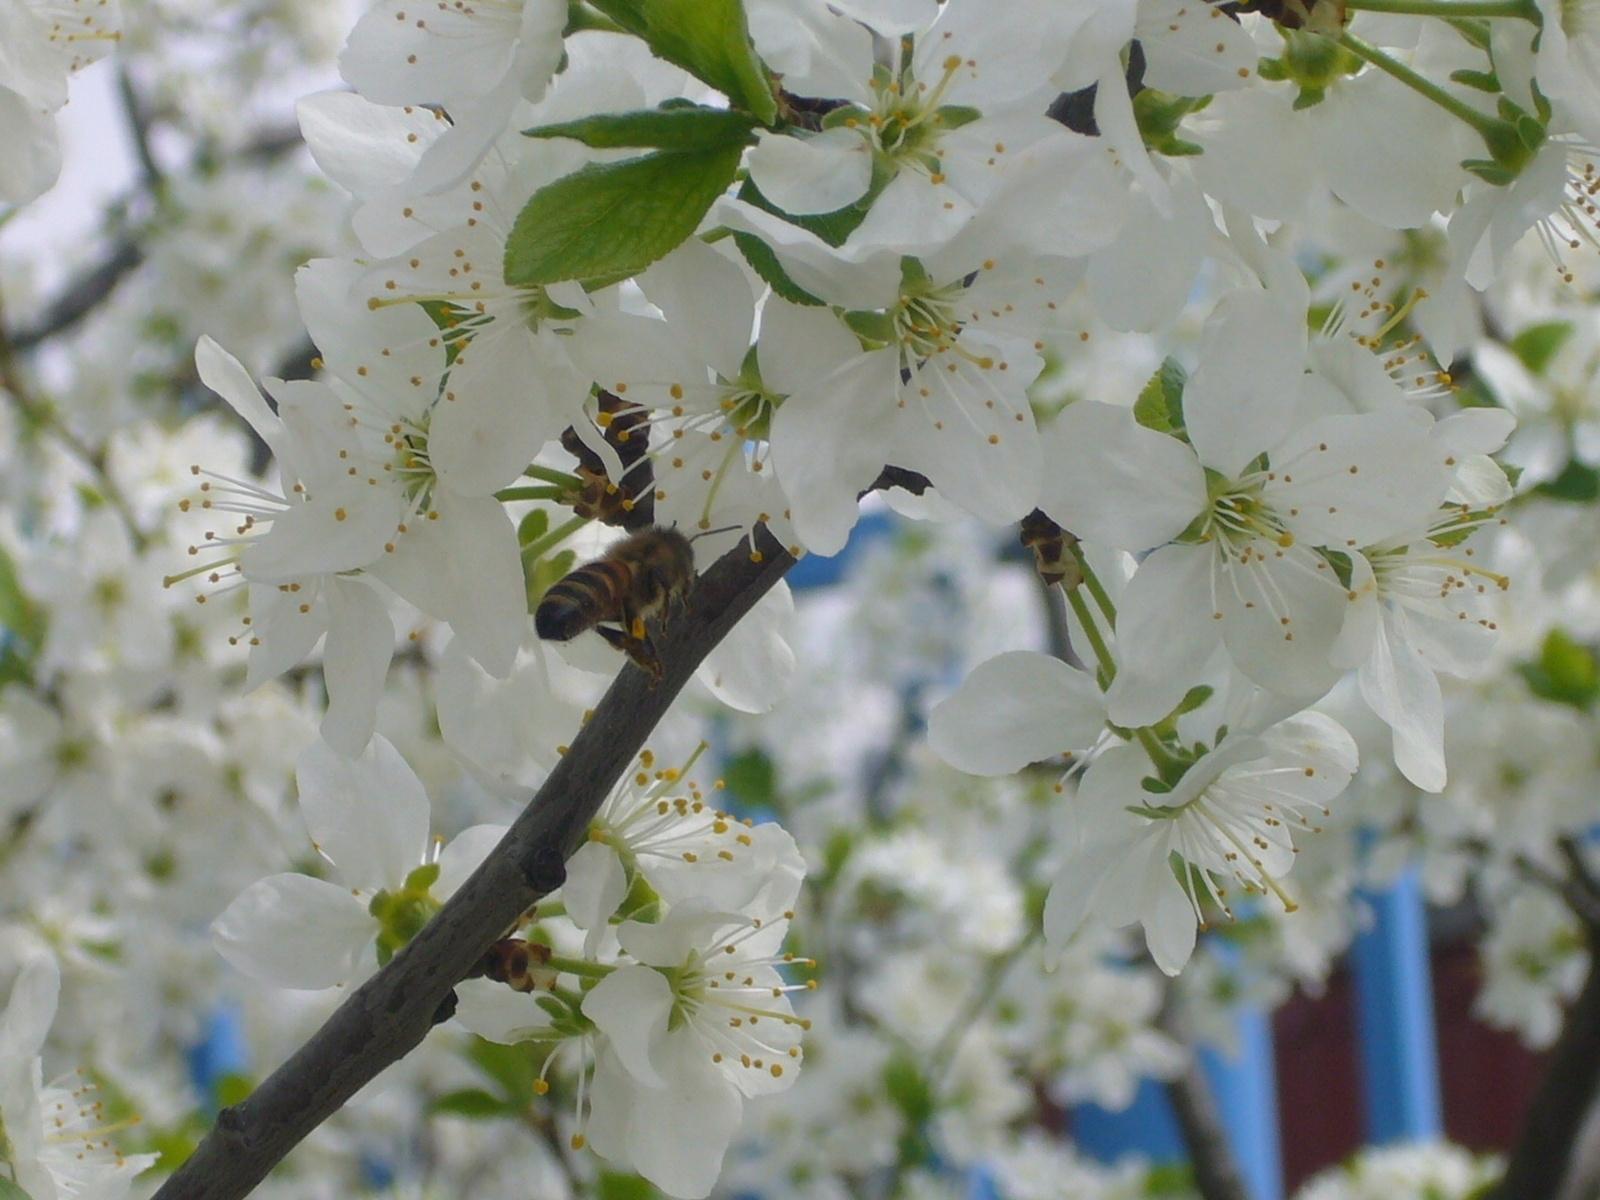 3711 Hintergrundbild herunterladen Pflanzen, Blumen, Insekten, Bienen - Bildschirmschoner und Bilder kostenlos